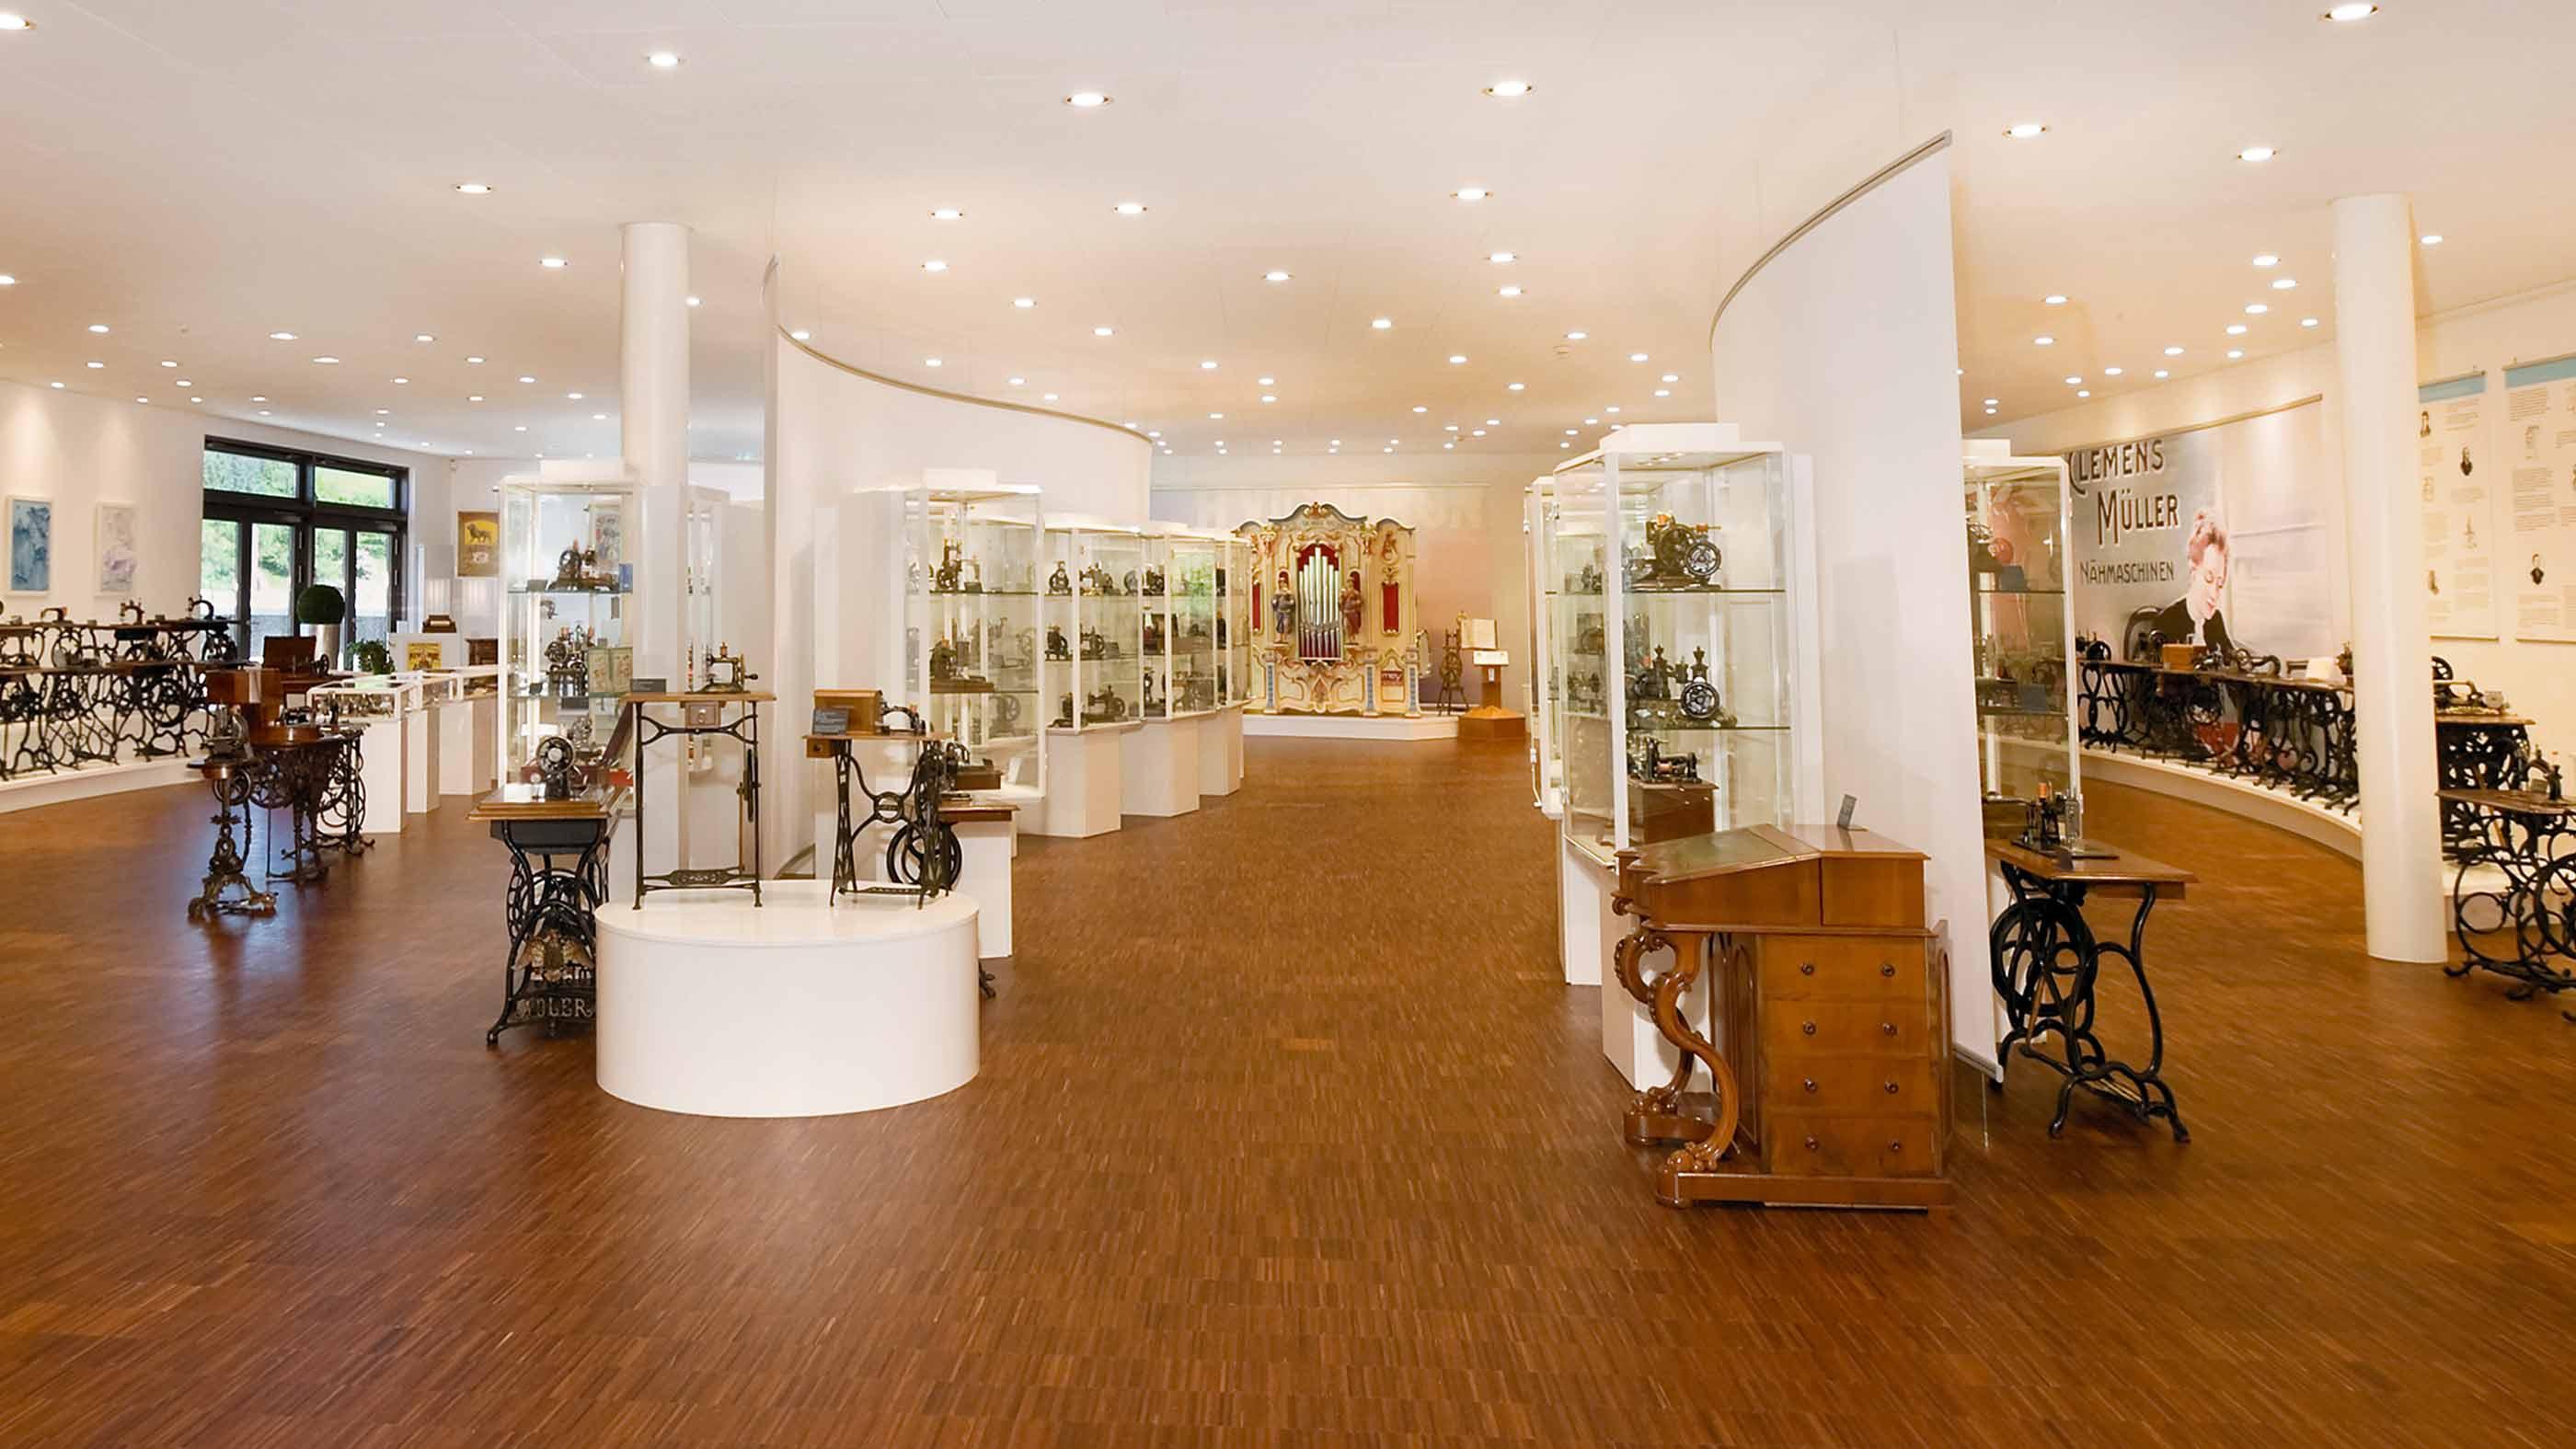 Panoramablick in das Nähmaschinenmuseum aus der Eingangsperspektive   mey®